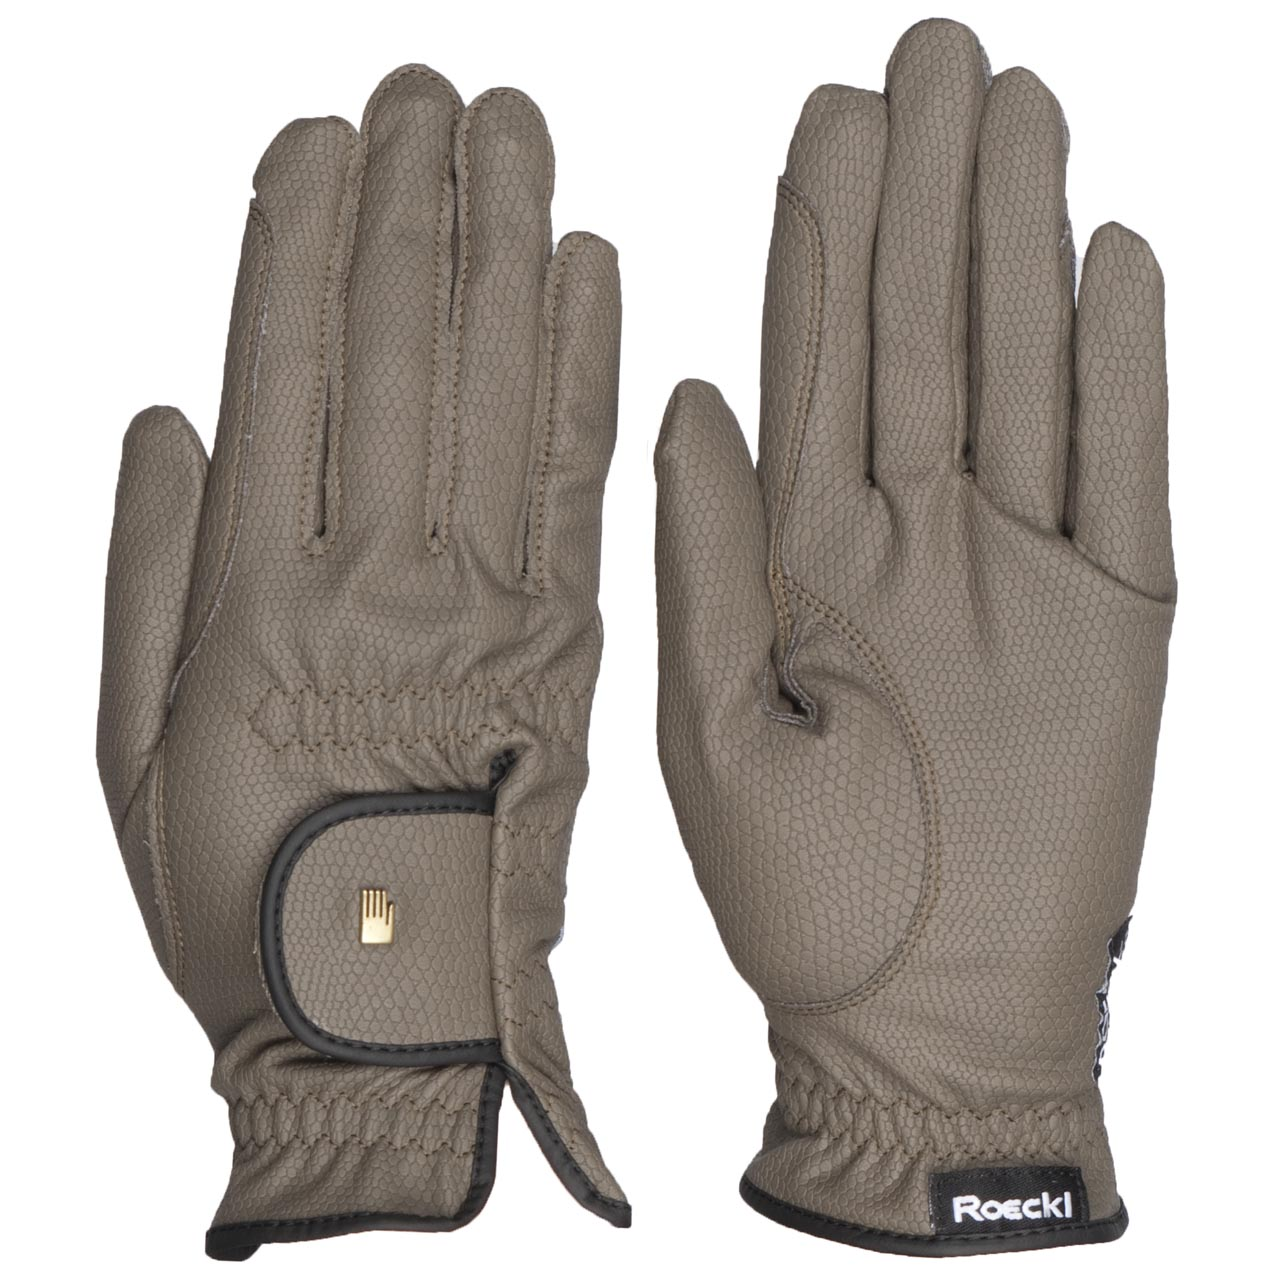 Roeckl Roeck grip Handschoen olijf maat:6